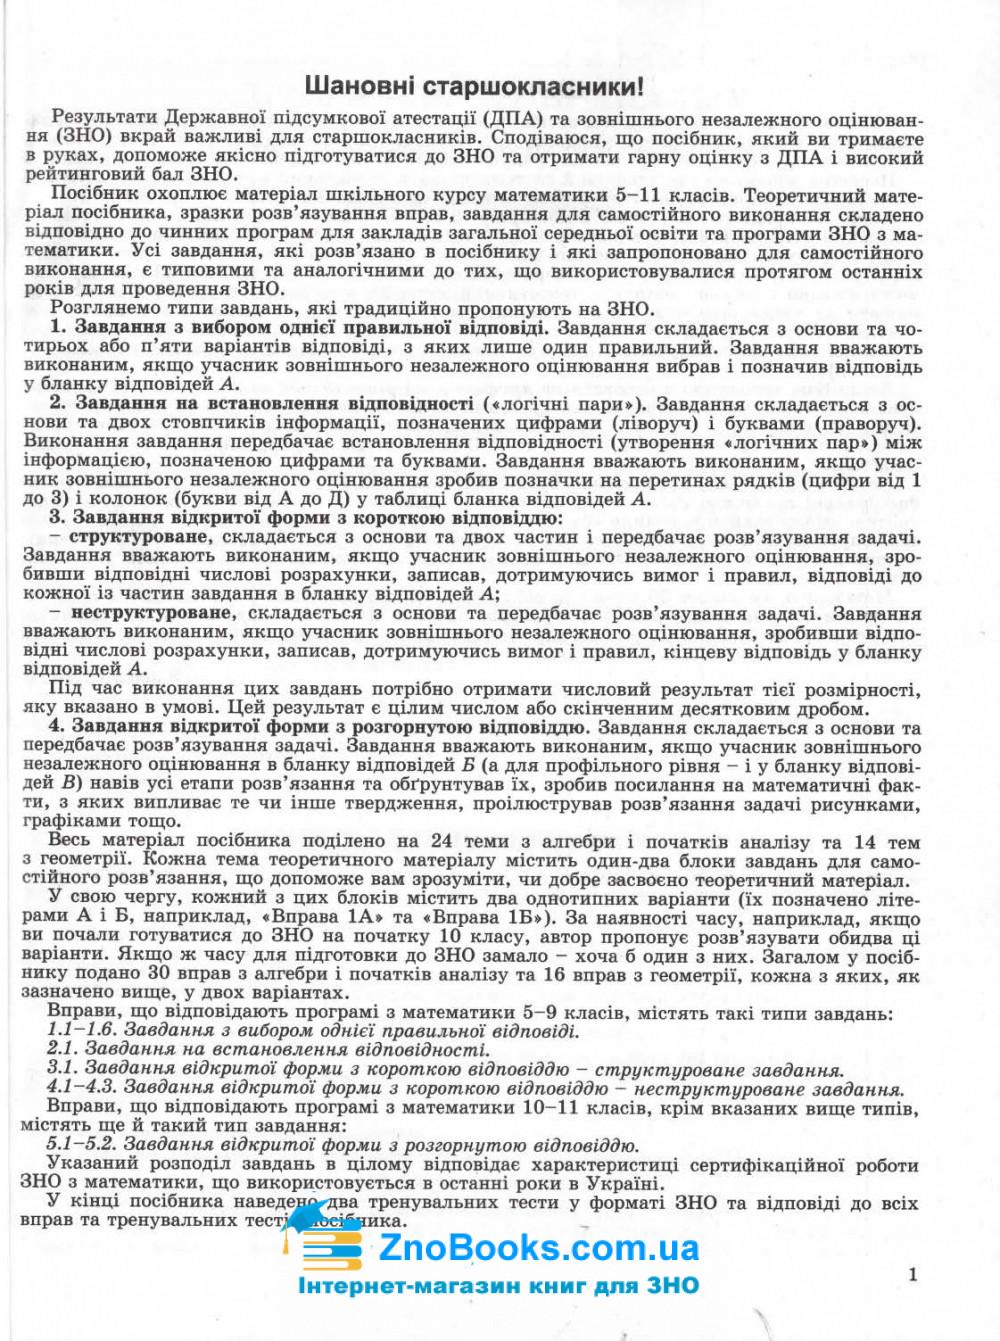 Математика ЗНО 2022. Комплексна підготовка + інтерактивні тести : Істер О. Генеза. купити 2